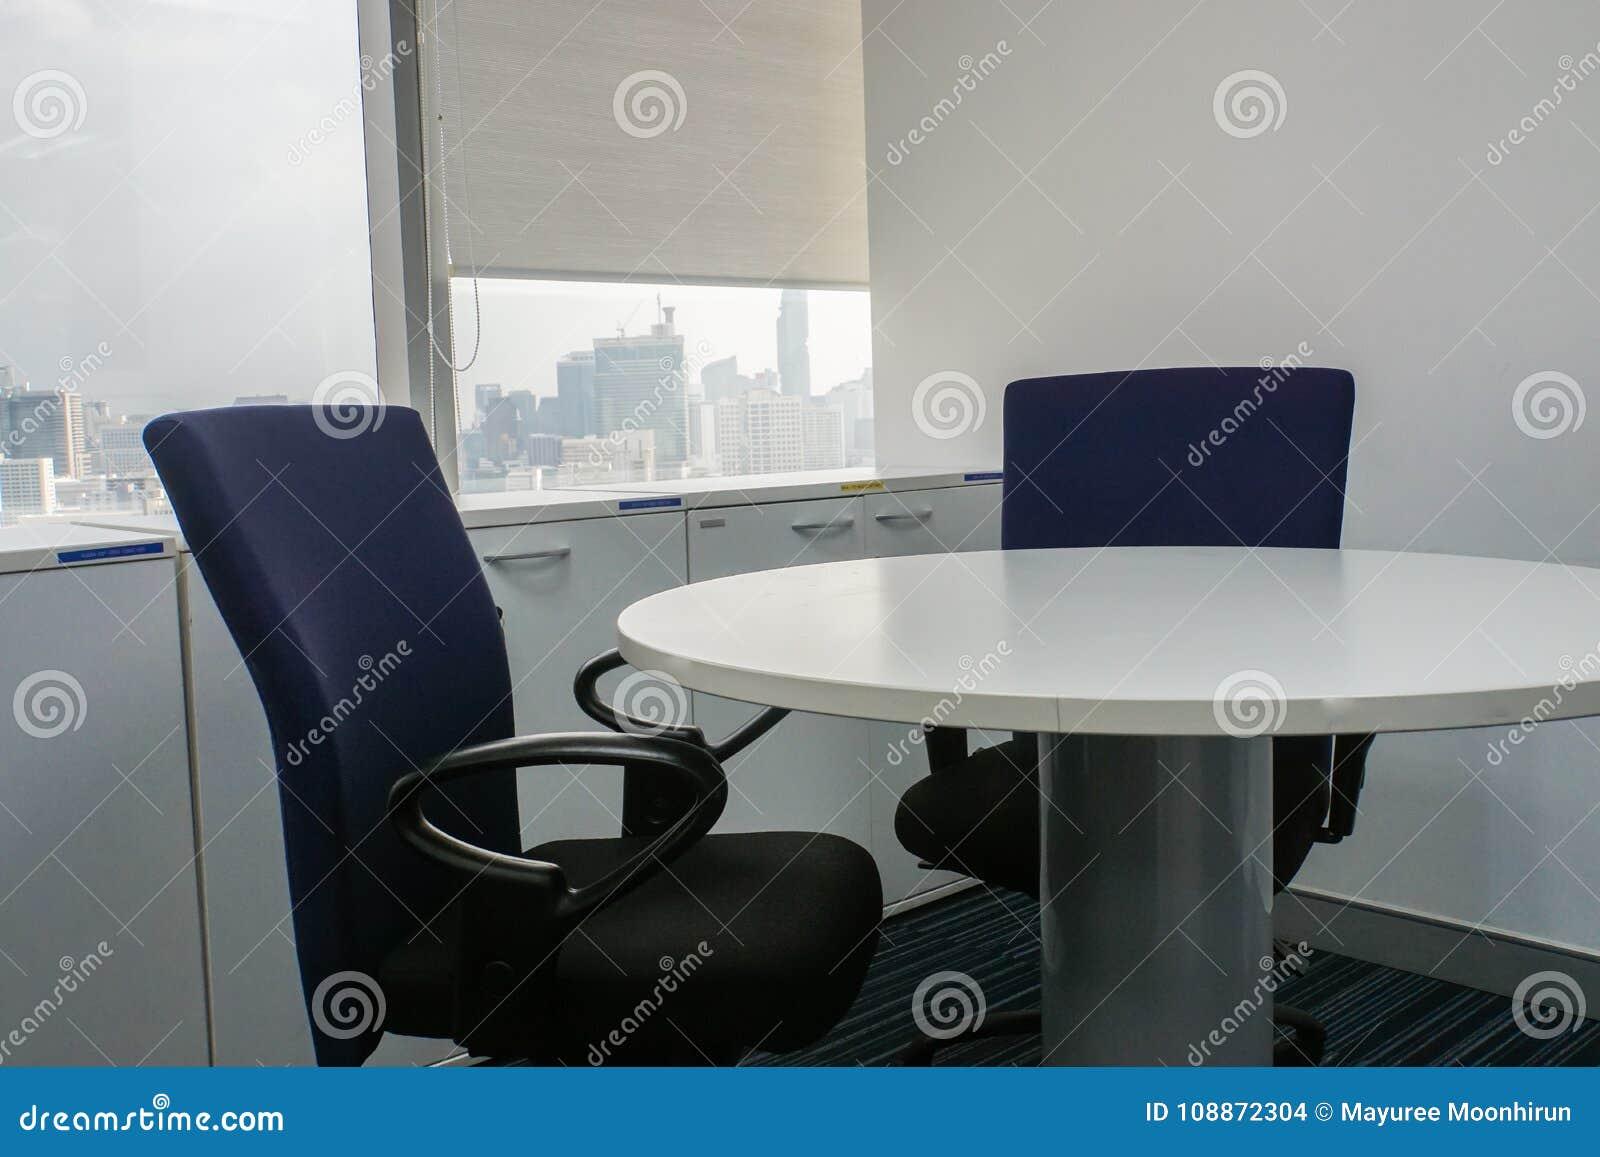 Chaise De Bureau Et Table Ronde Blanche Dans Le Lieu Reunion